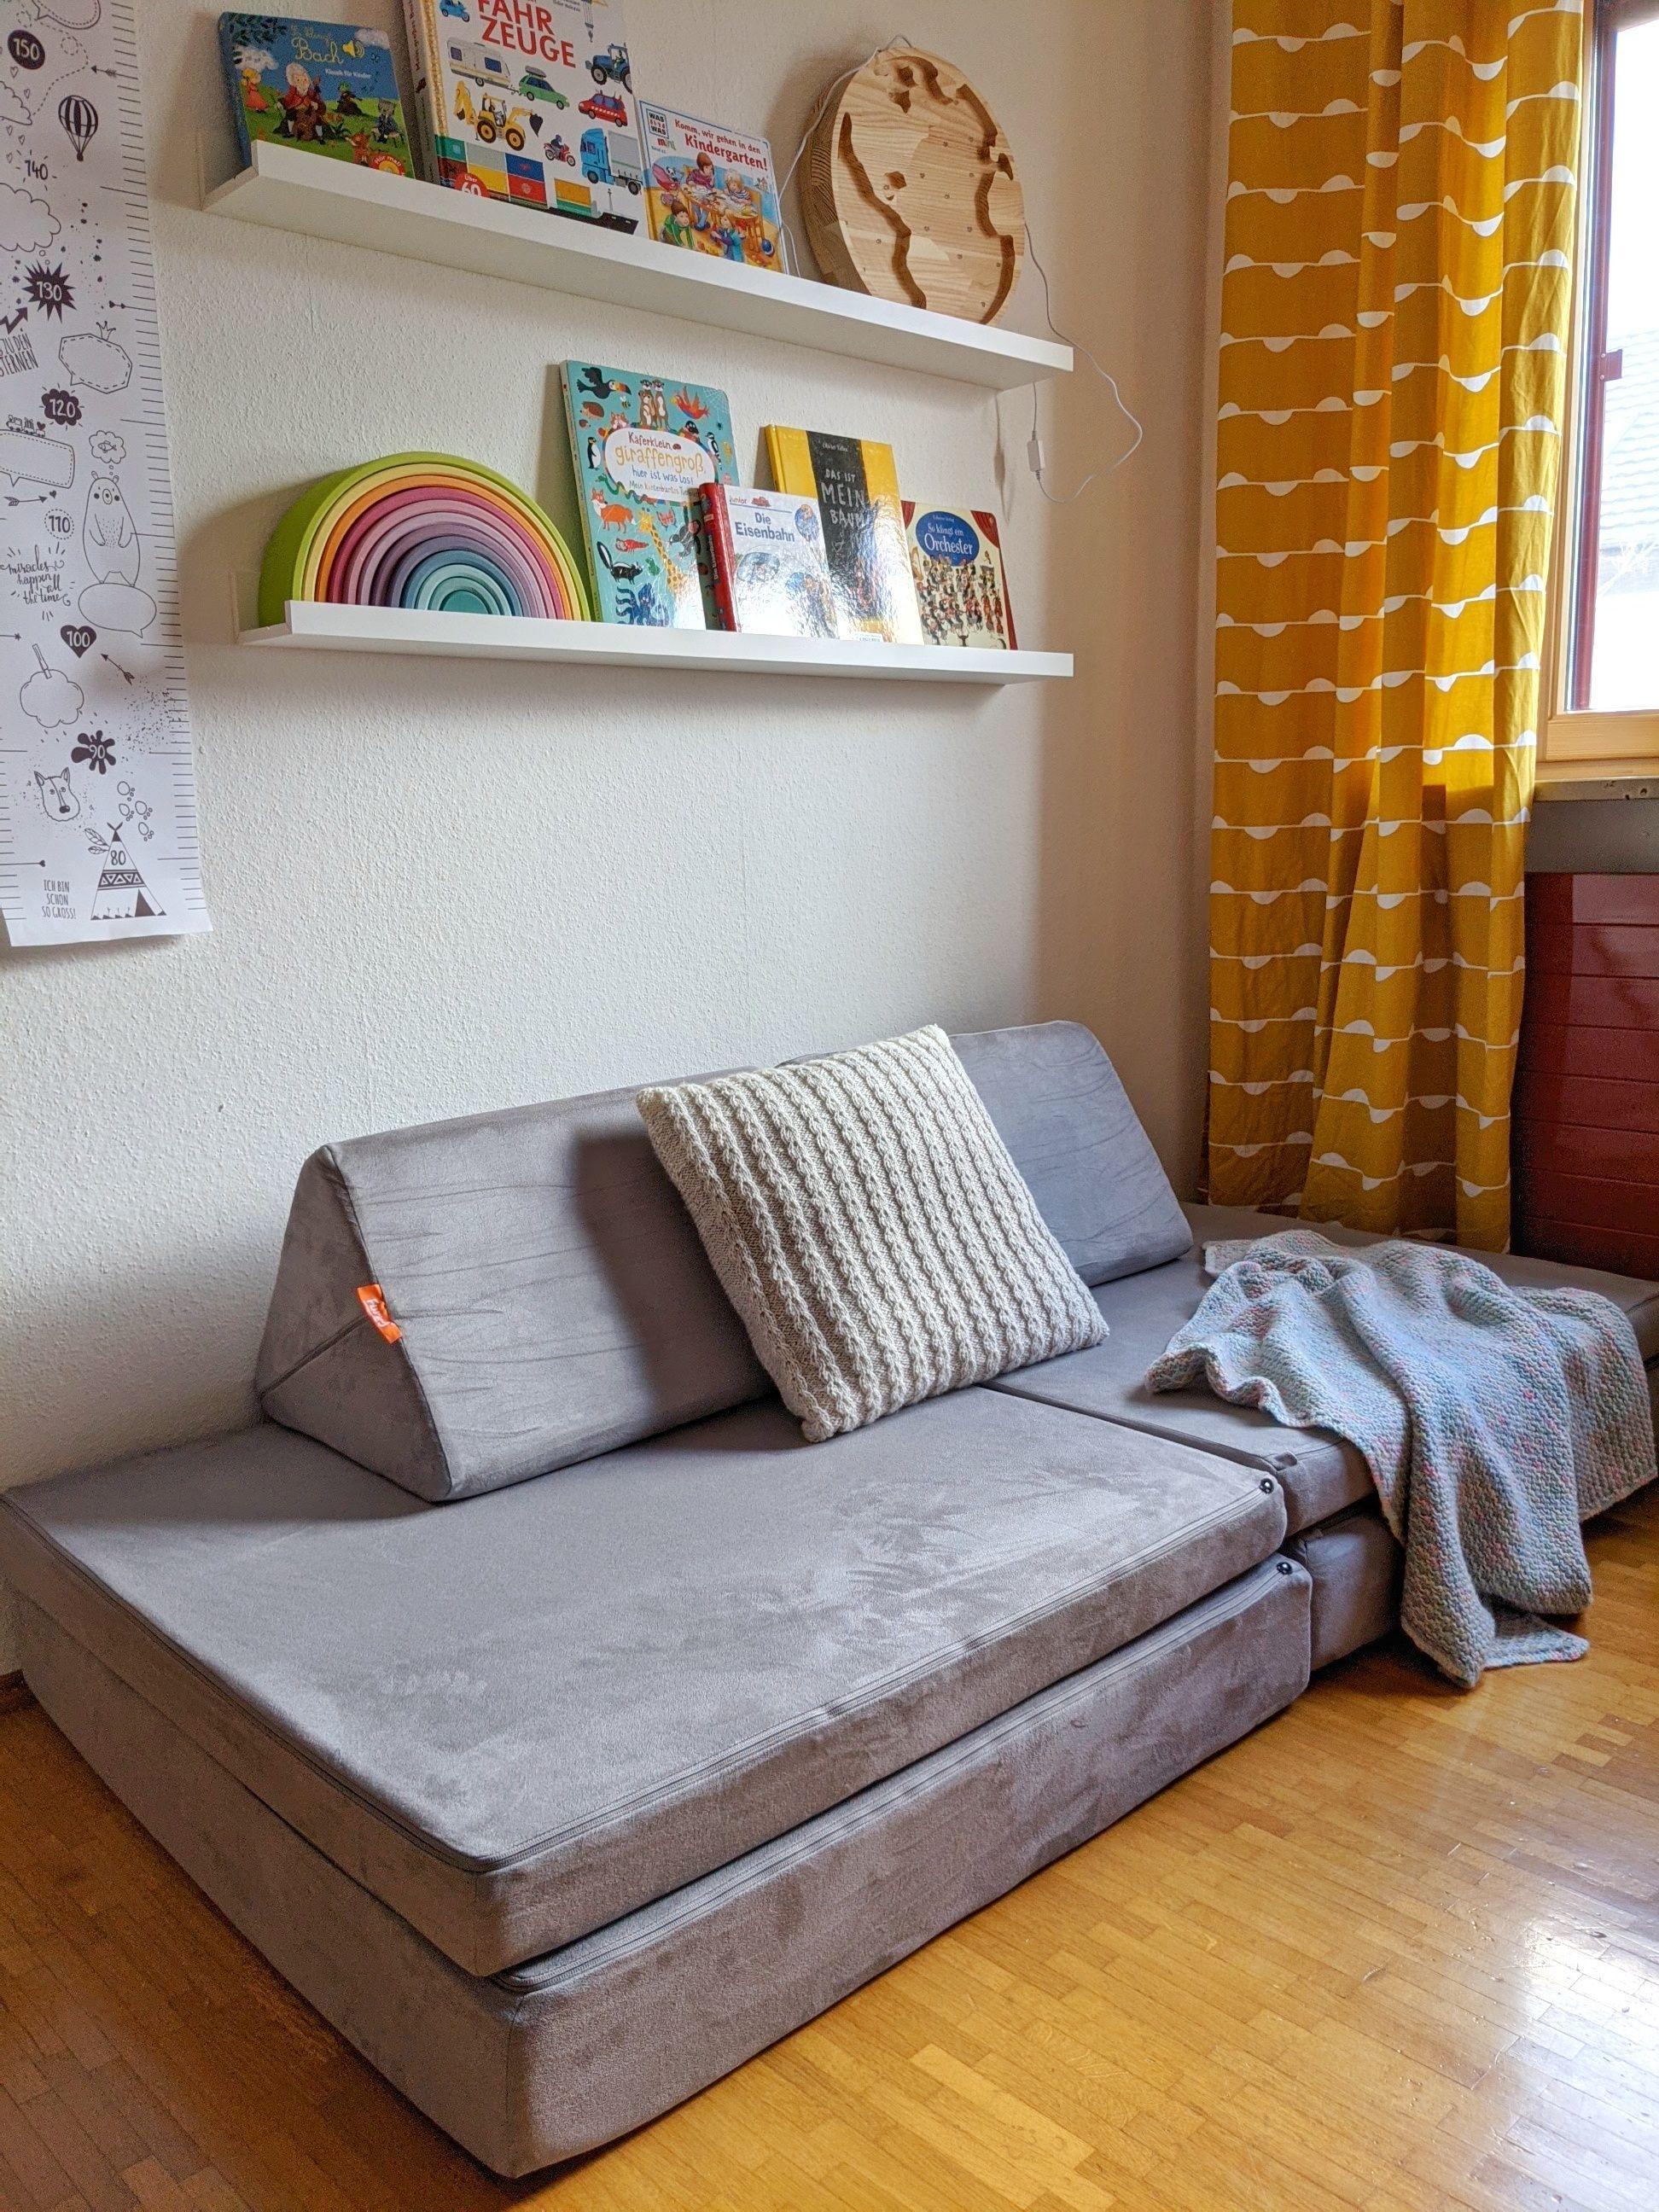 Kindermöbel: FURNY - das modulare Spielsofa für Kinder